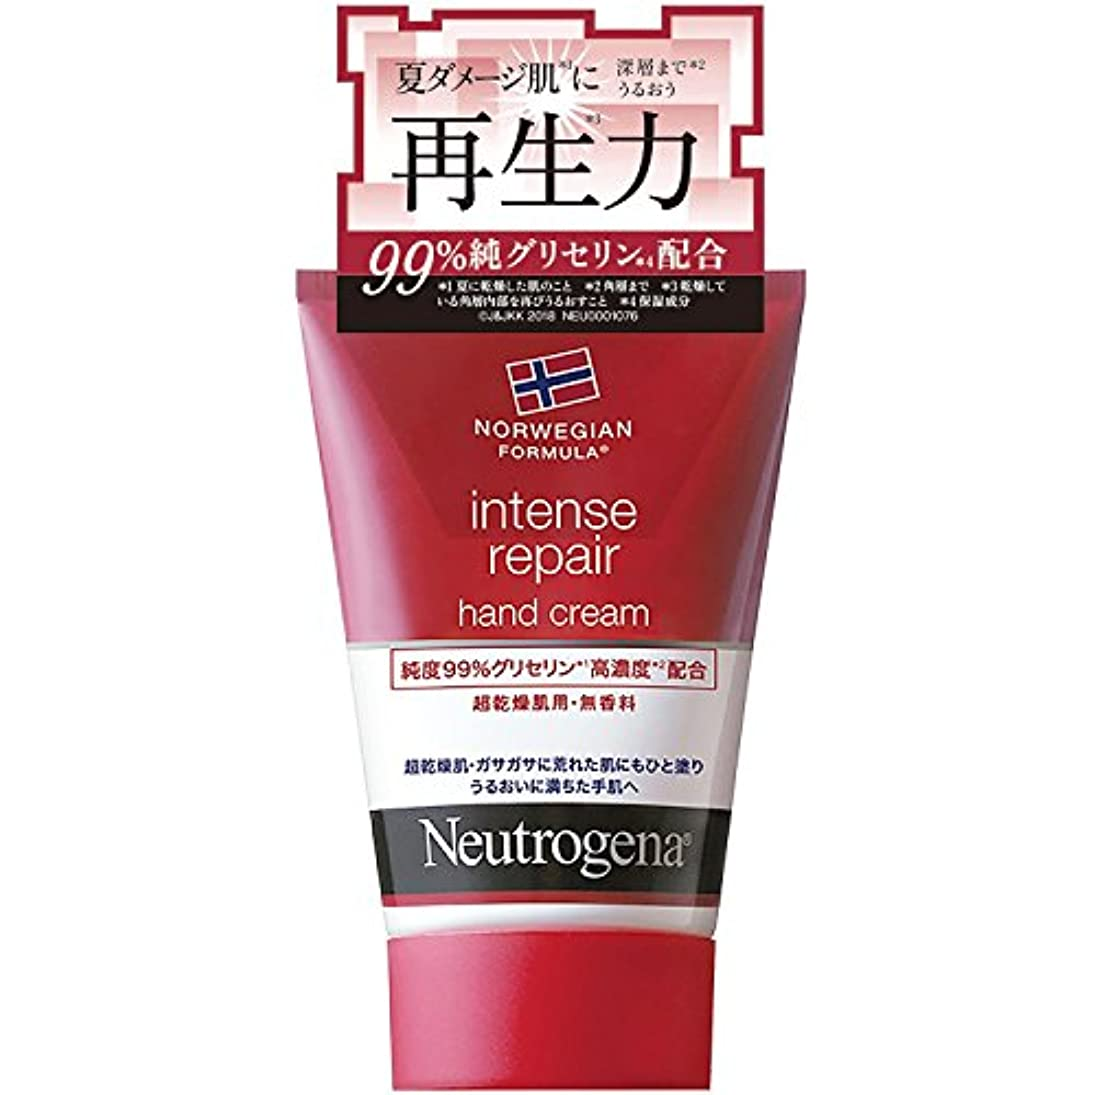 理解するオート拍手するNeutrogena(ニュートロジーナ) ノルウェーフォーミュラ インテンスリペア ハンドクリーム 超乾燥肌用 無香料 単品 50g